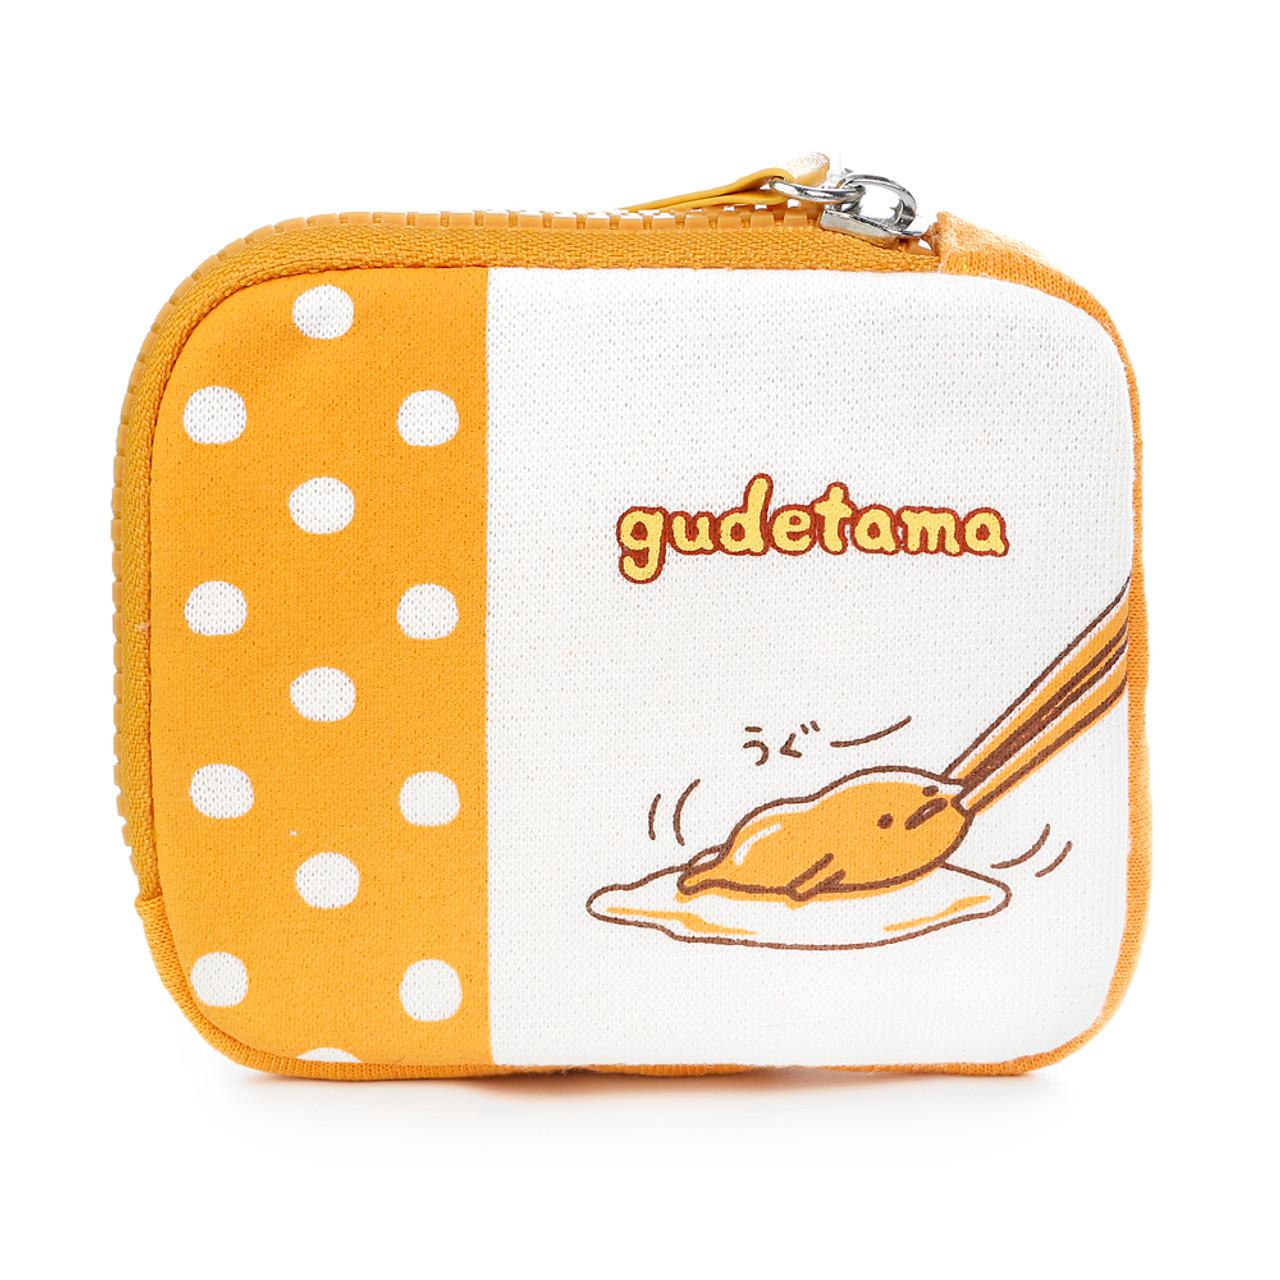 Sanrio Gudetama Lazy Egg Tough Canvas Fabric Coins Wallet ( Back View )